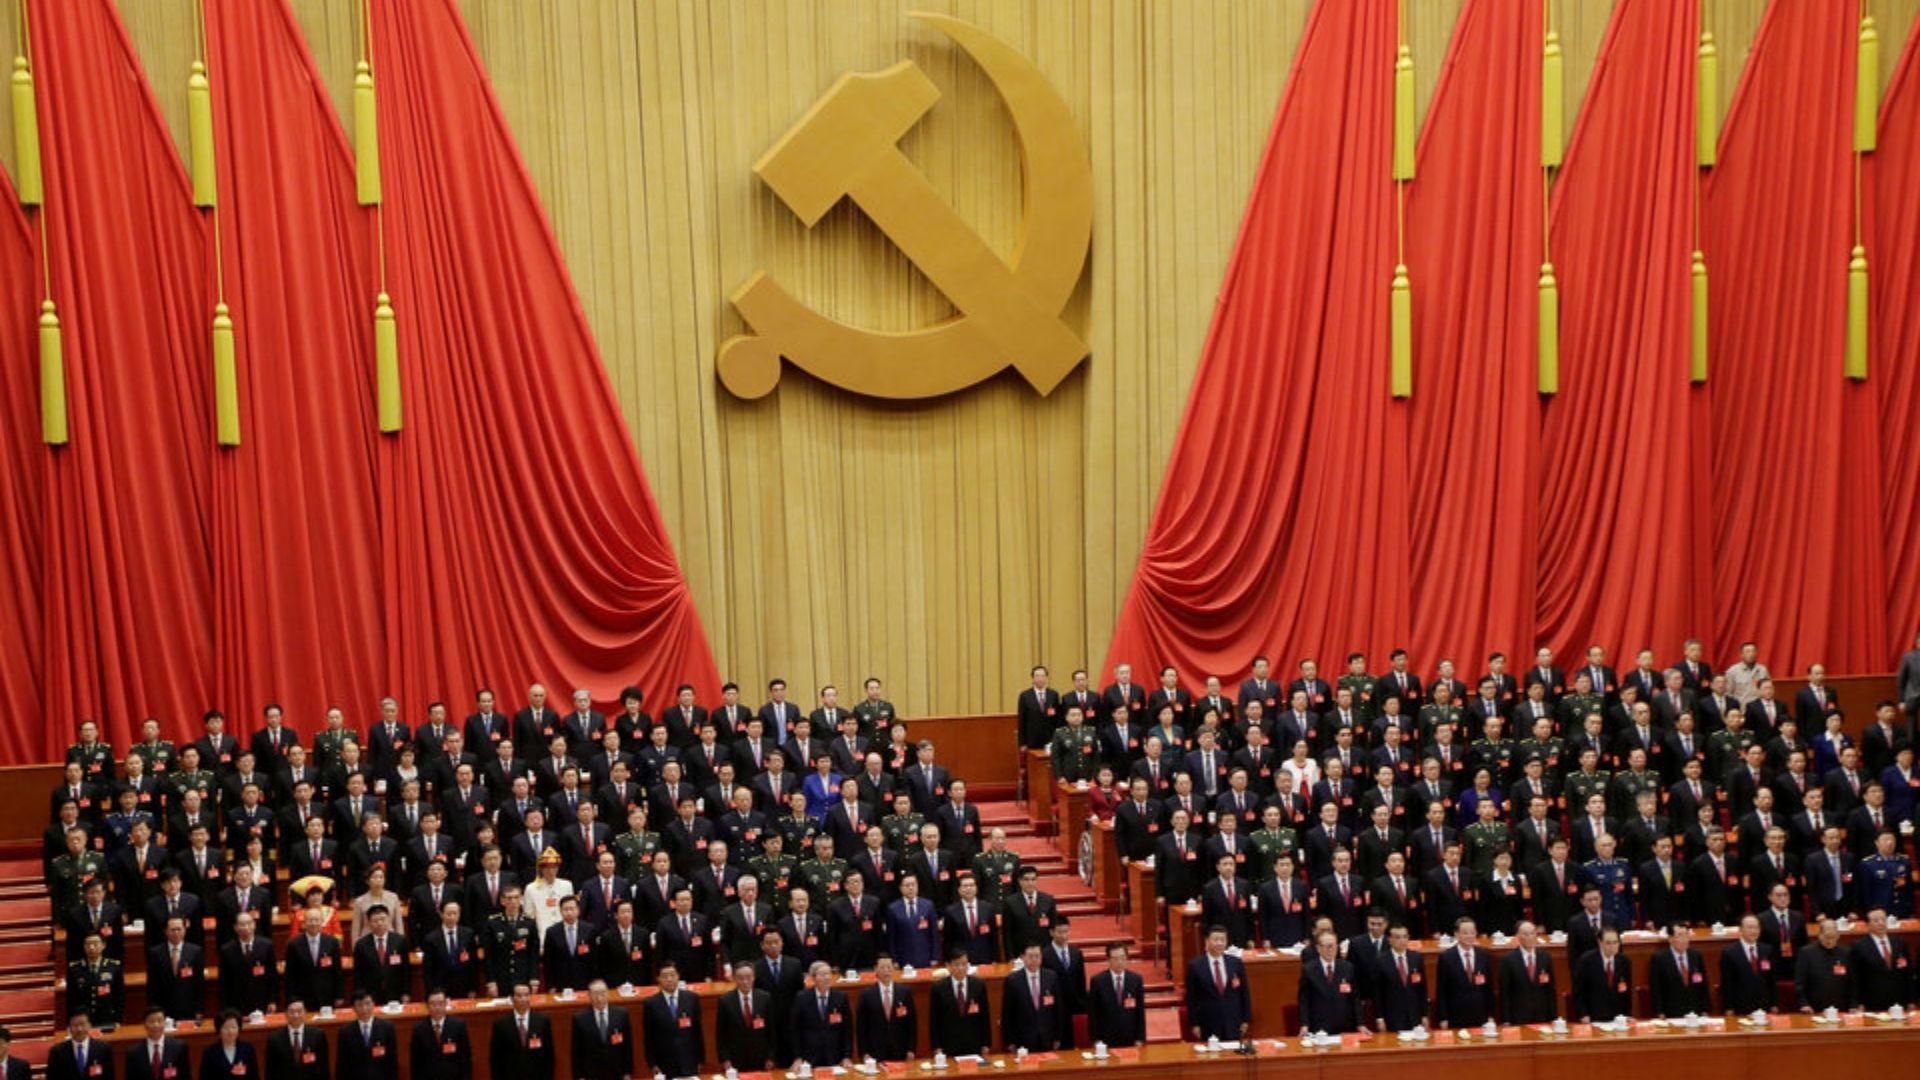 Igrejas filiadas ao governo da China levam membros a obedecer o Partido Comunista